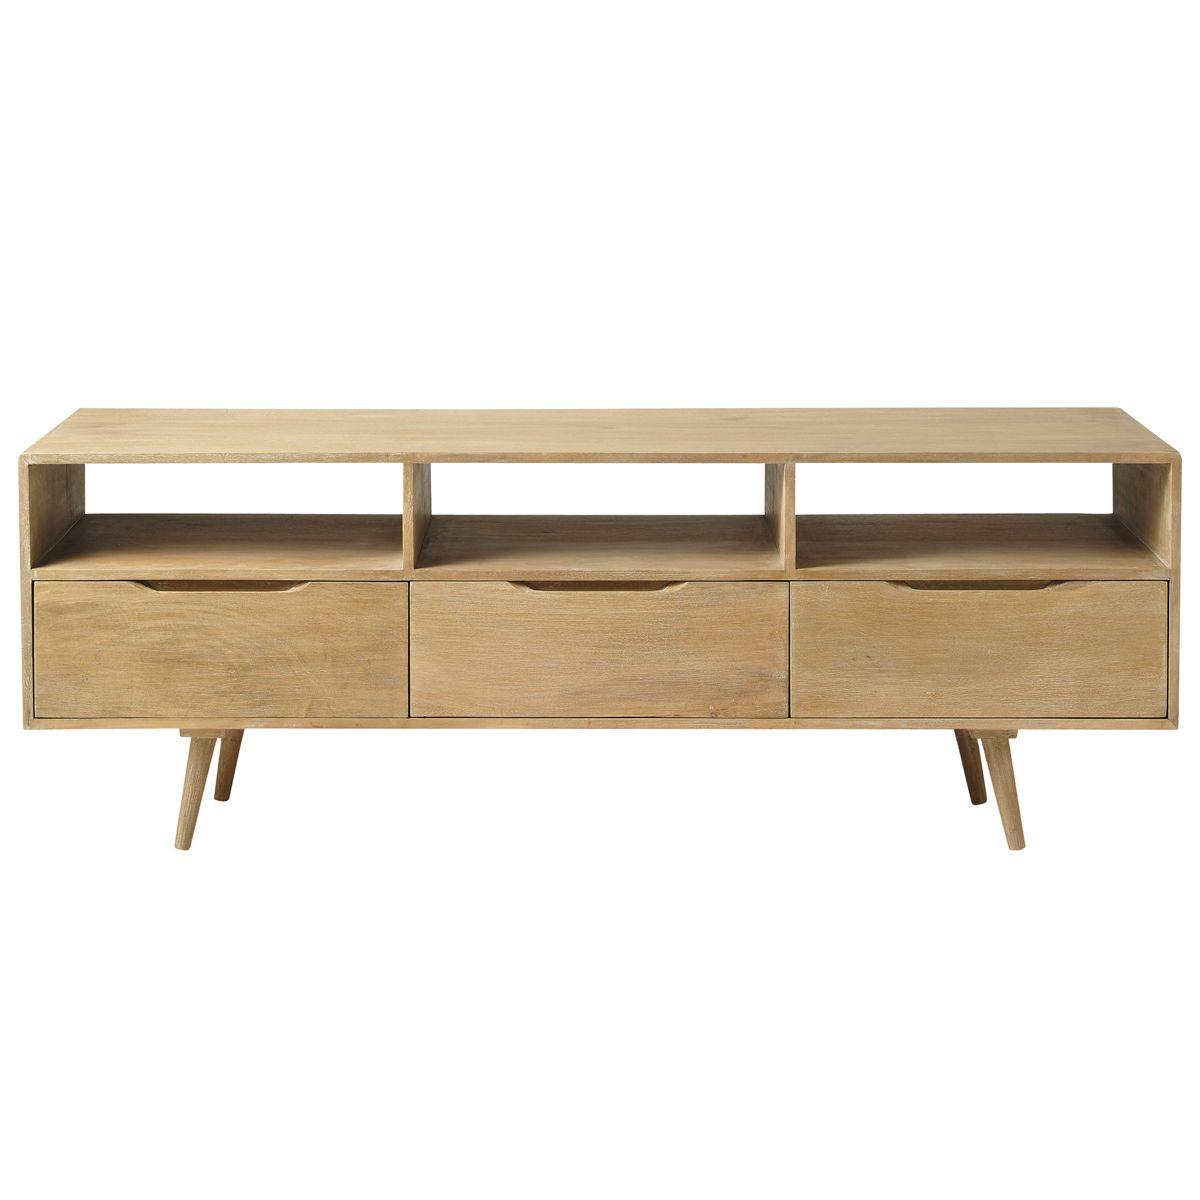 maison du monde meuble tv vintage en manguier trocadero dimensions cm h 60 x l 165 x pr 40 449 90